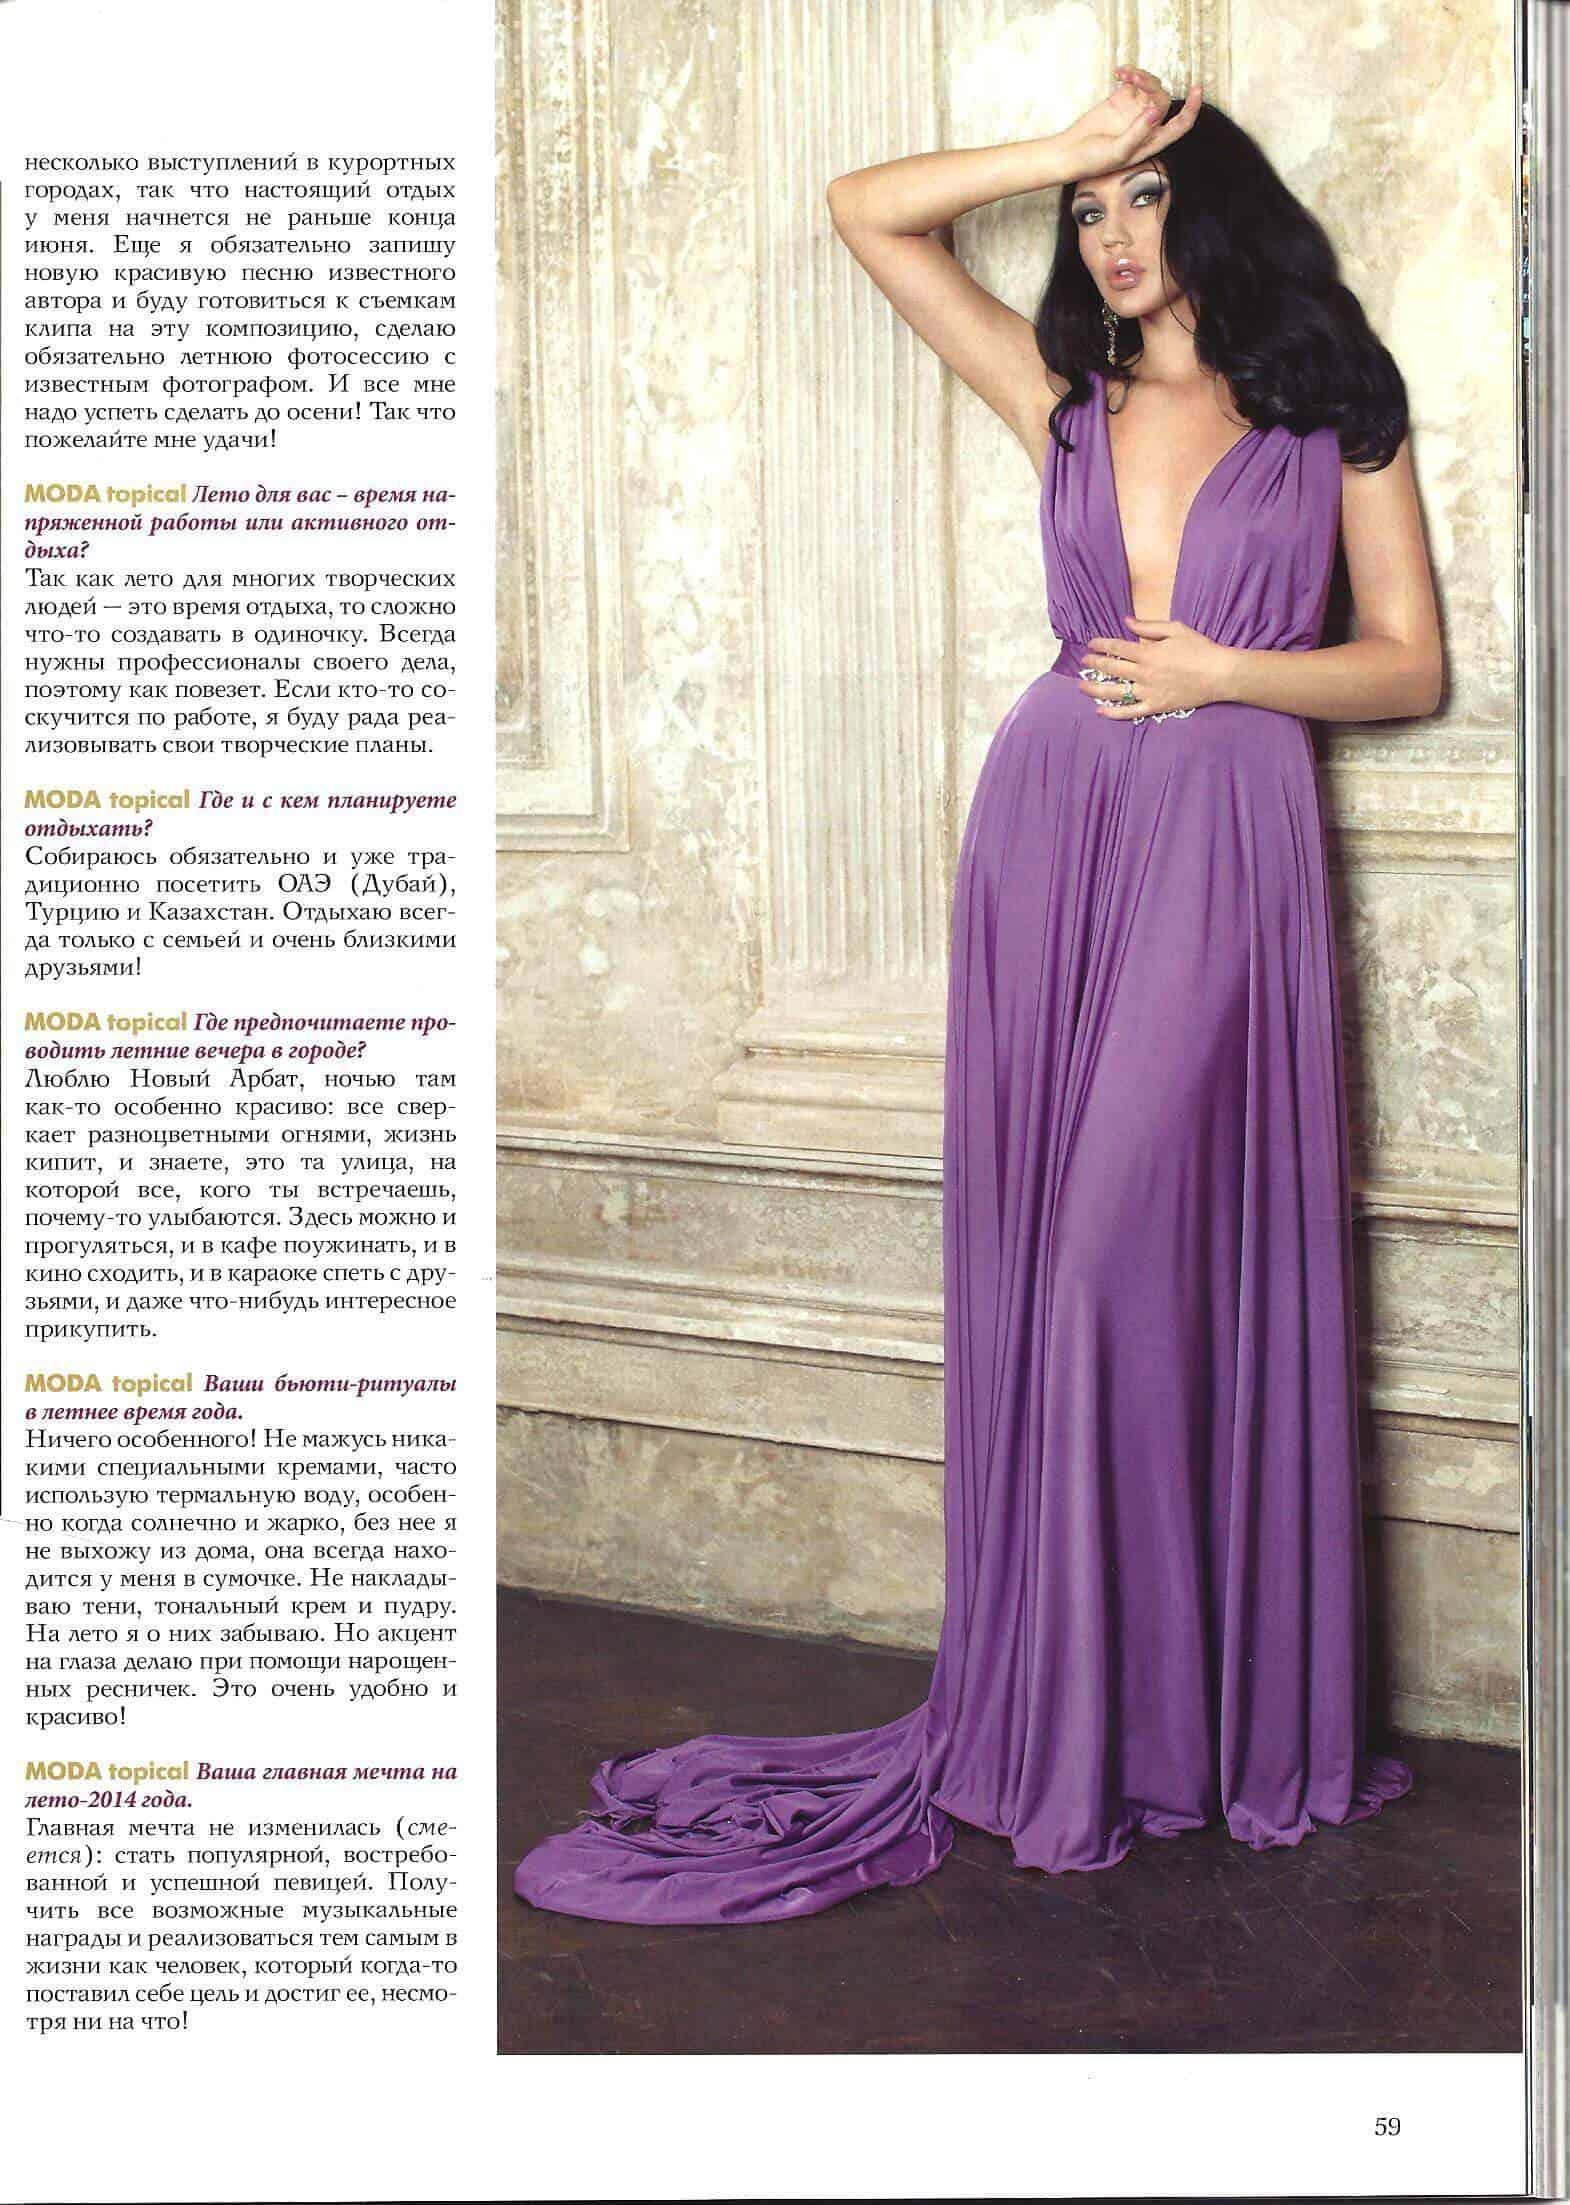 Мира в журнале moda tropical